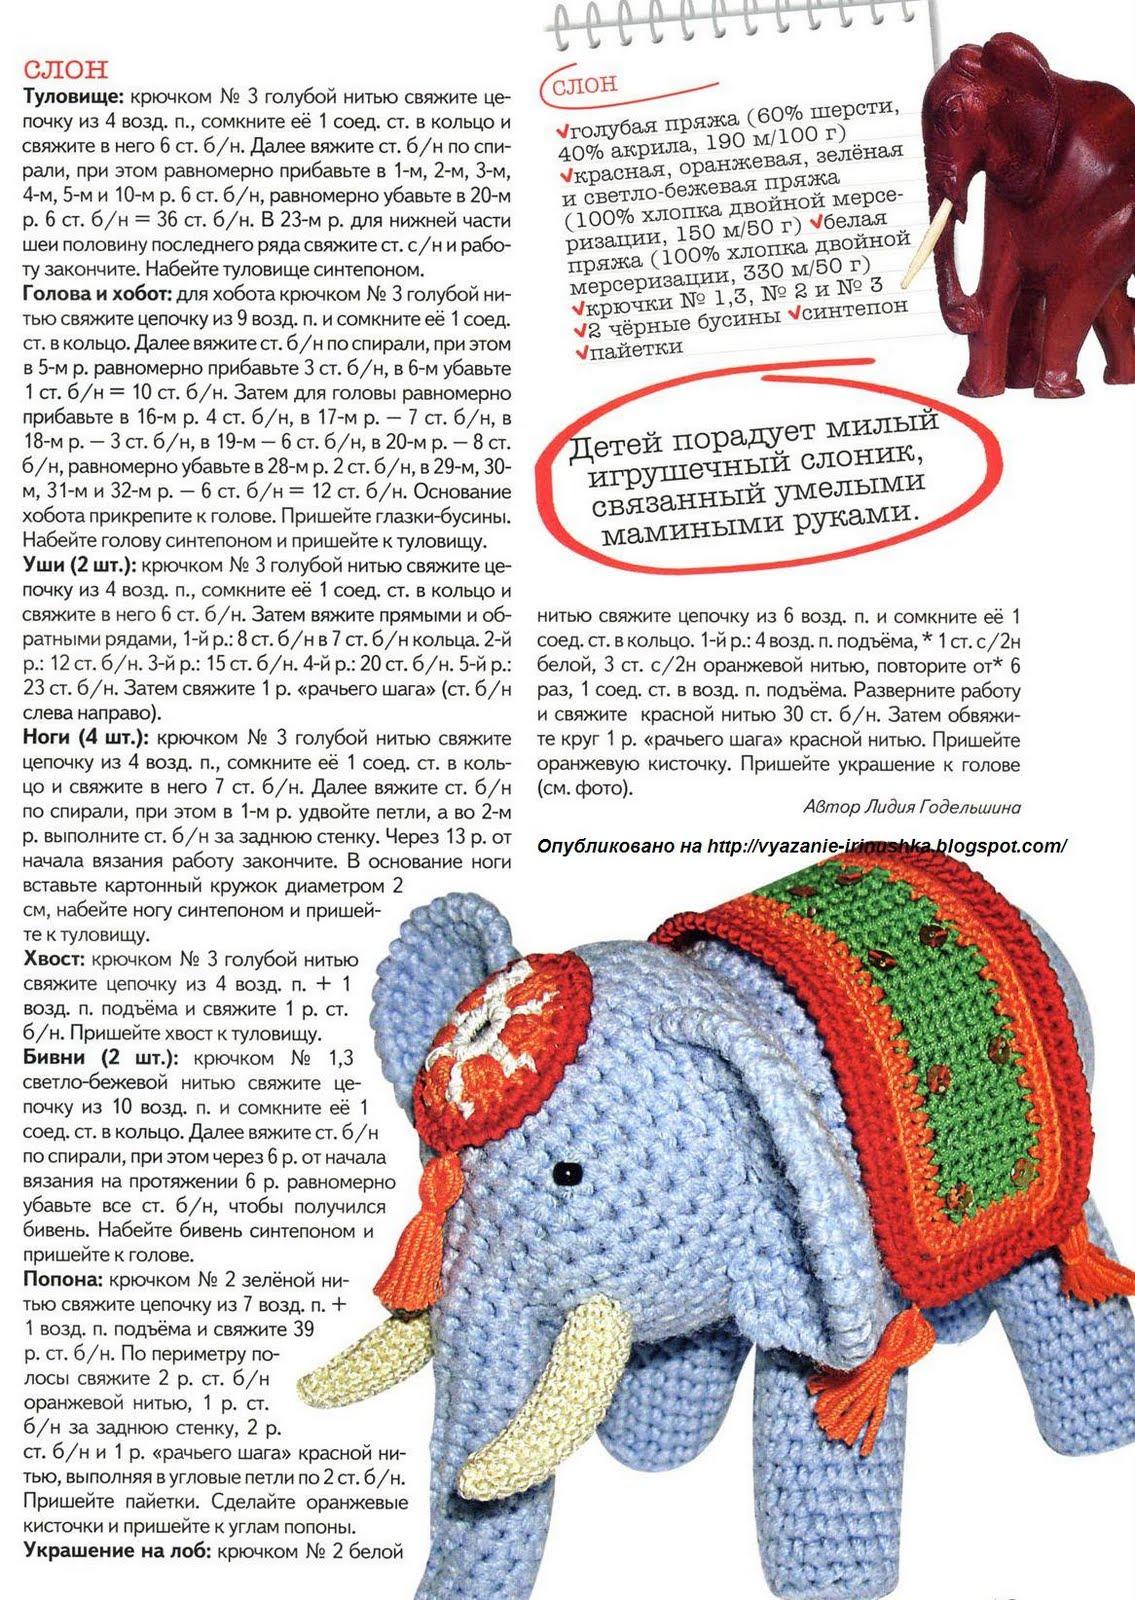 Вязание крючком игрушки слоник схема